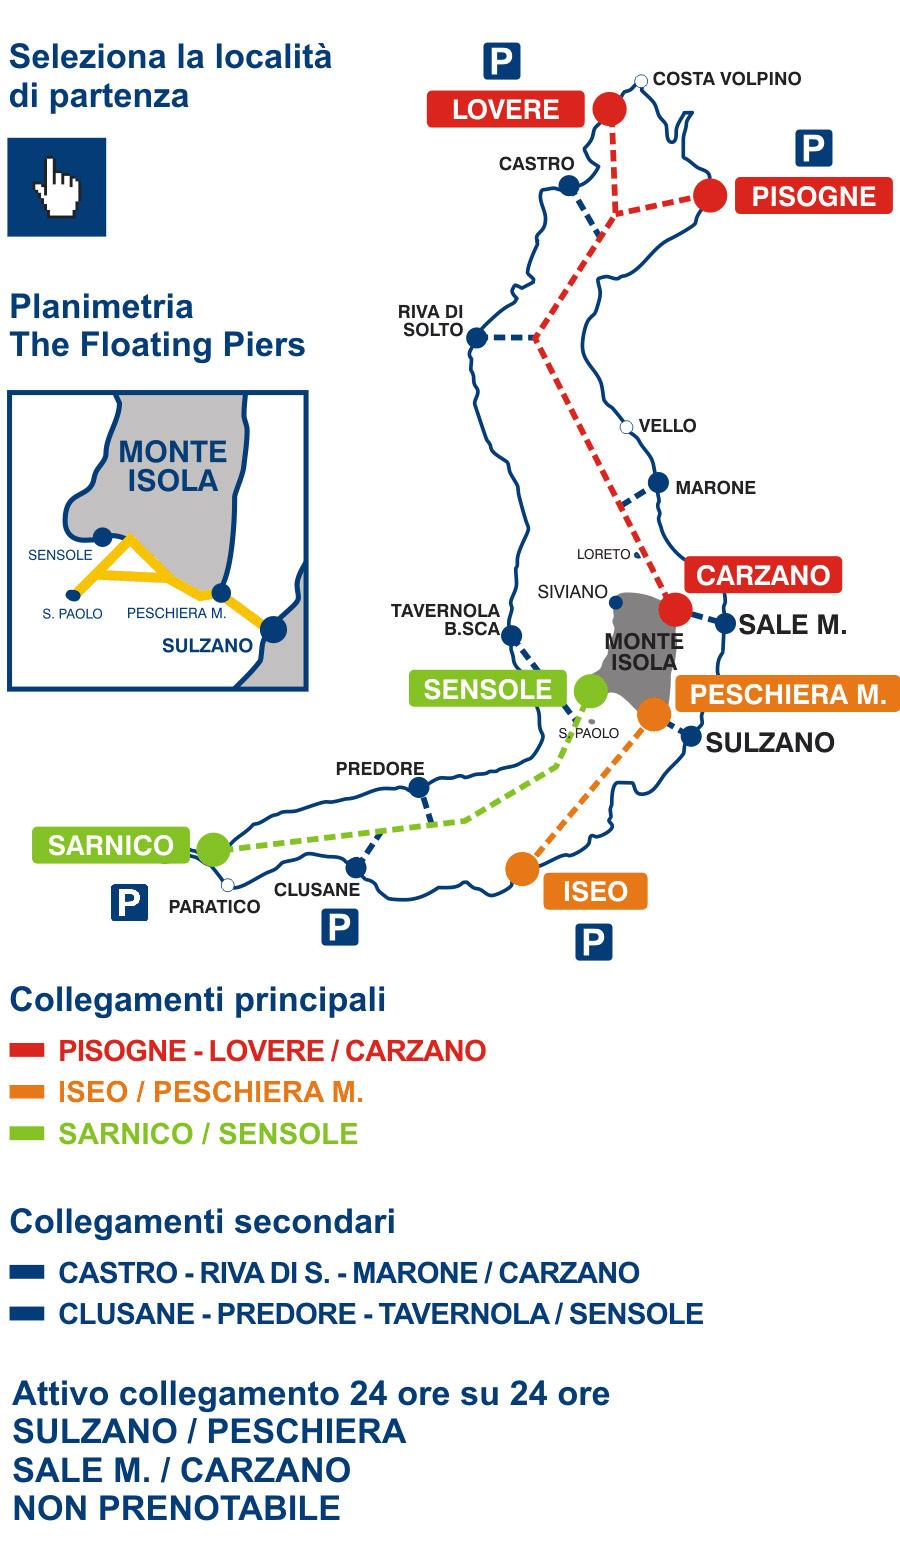 mappa-collegamenti-lagodiseo-it